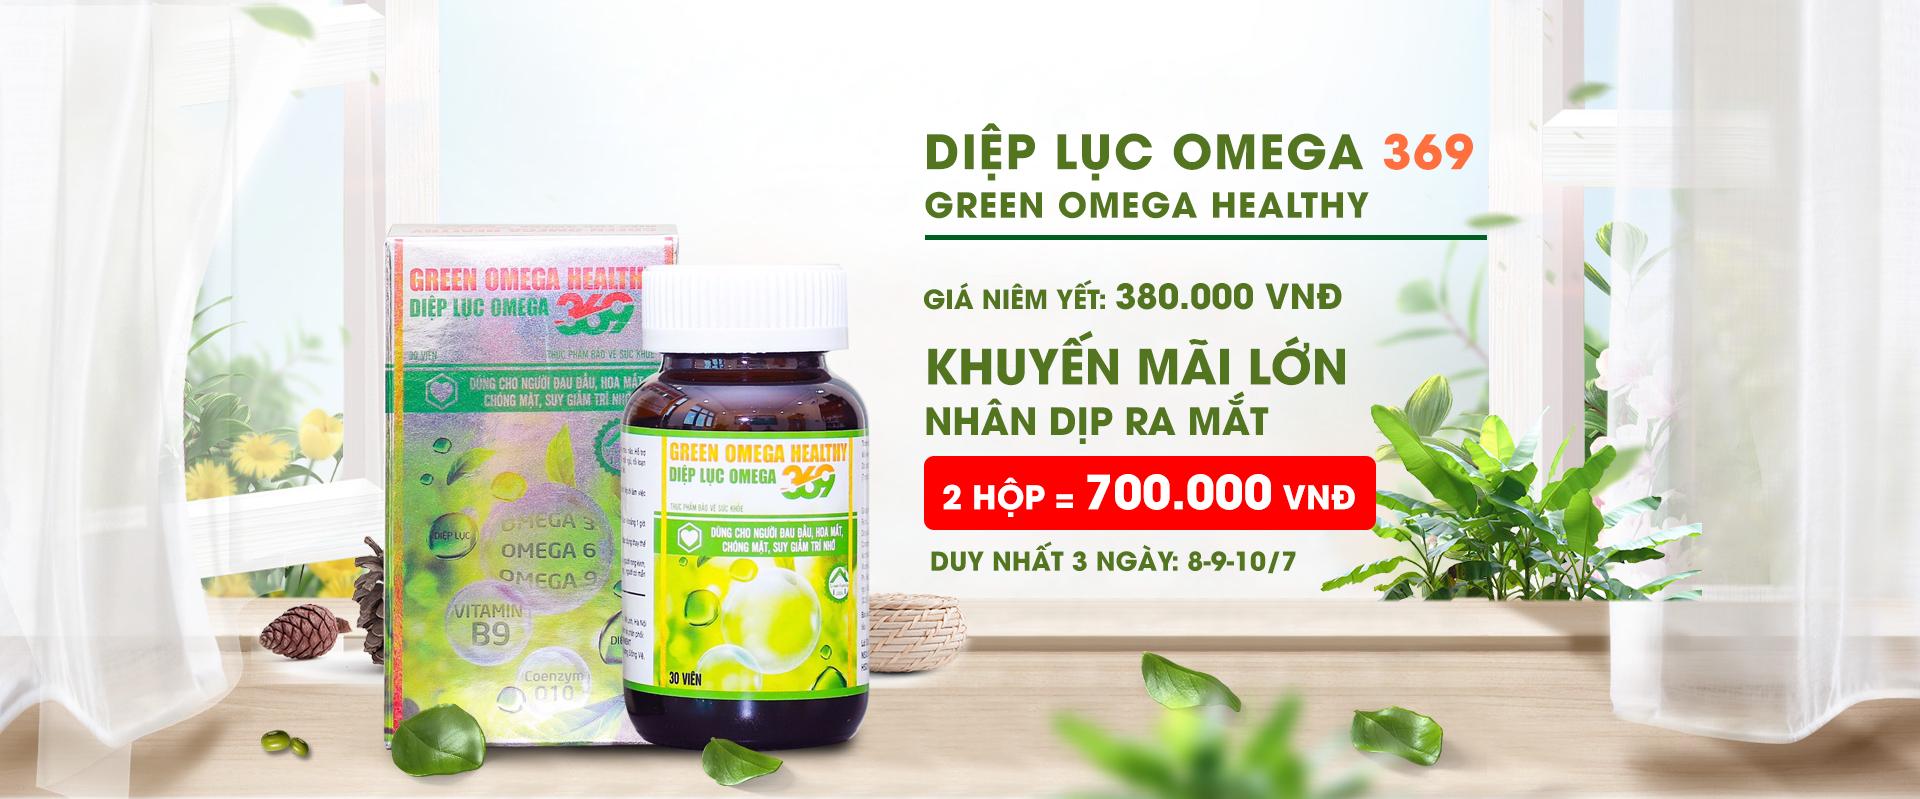 Diệp lục Omega 369 - Siêu phẩm hoàn hảo giúp tăng cường thị lực, tăng cường trí nhớ - Ảnh 2